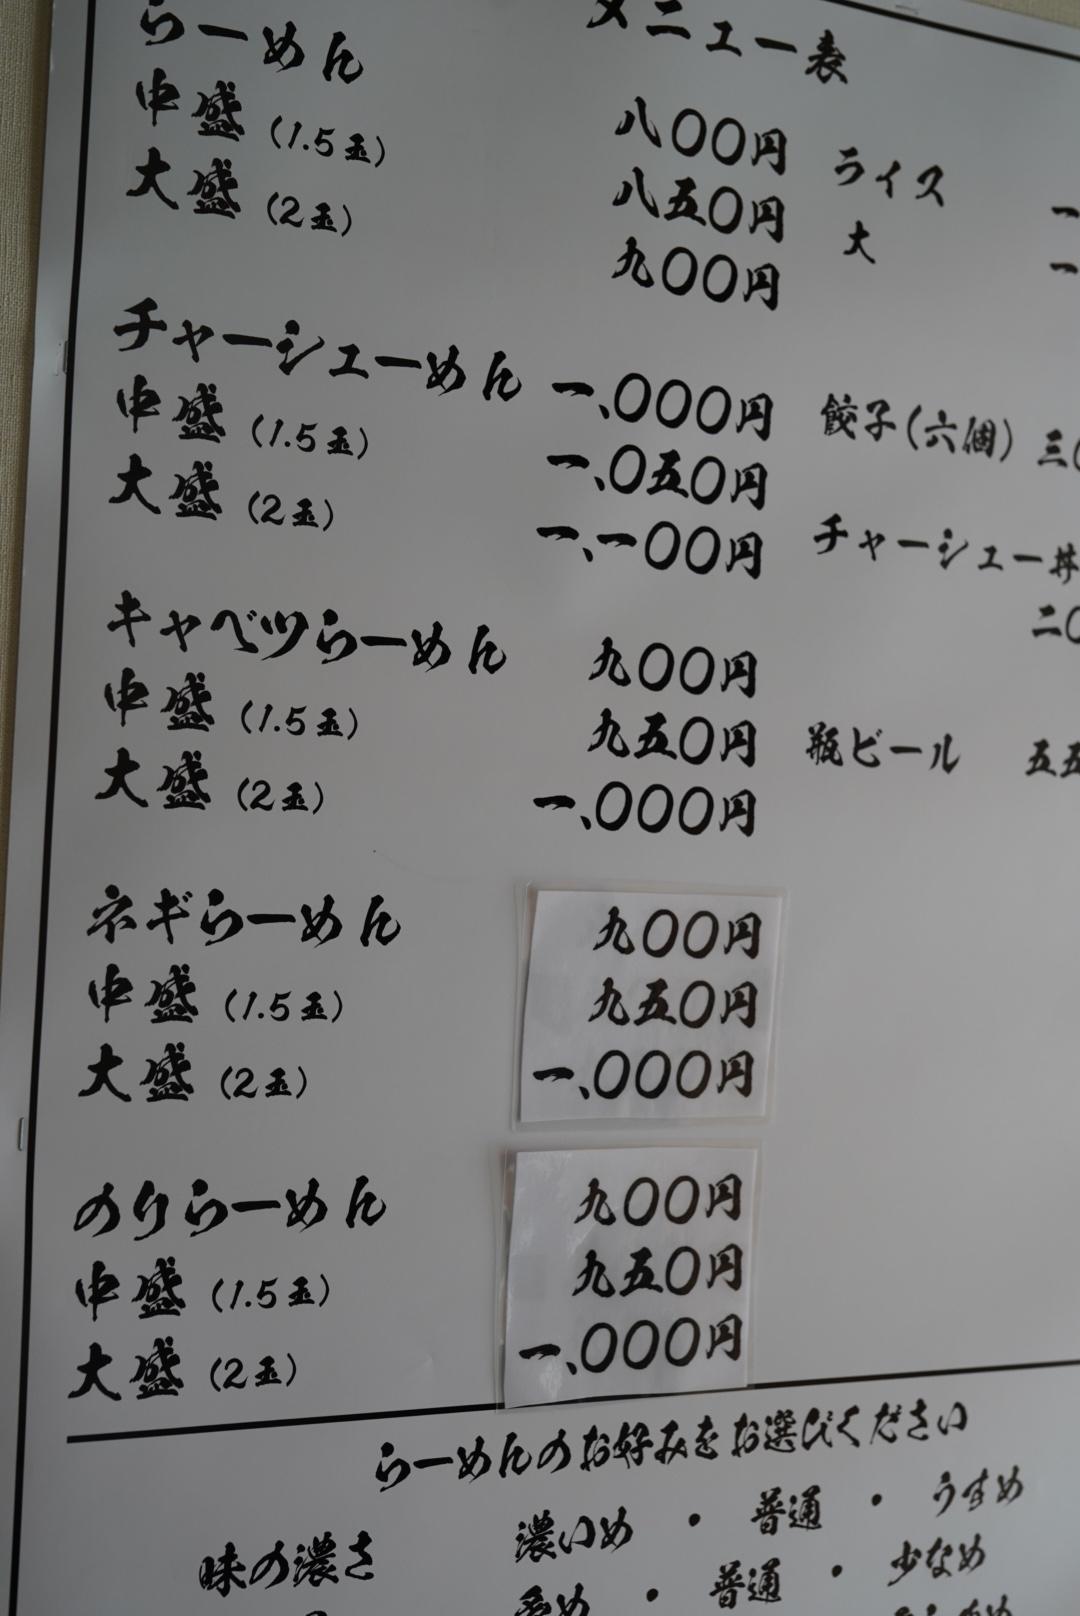 """名駅近くにオープン!横浜出身の店主がこだわりぬく、本場の""""家系""""「横濱らーめん うめ鬼」 - 1FCA62BF 9B53 49F9 9F97 D9322EC77A7C"""